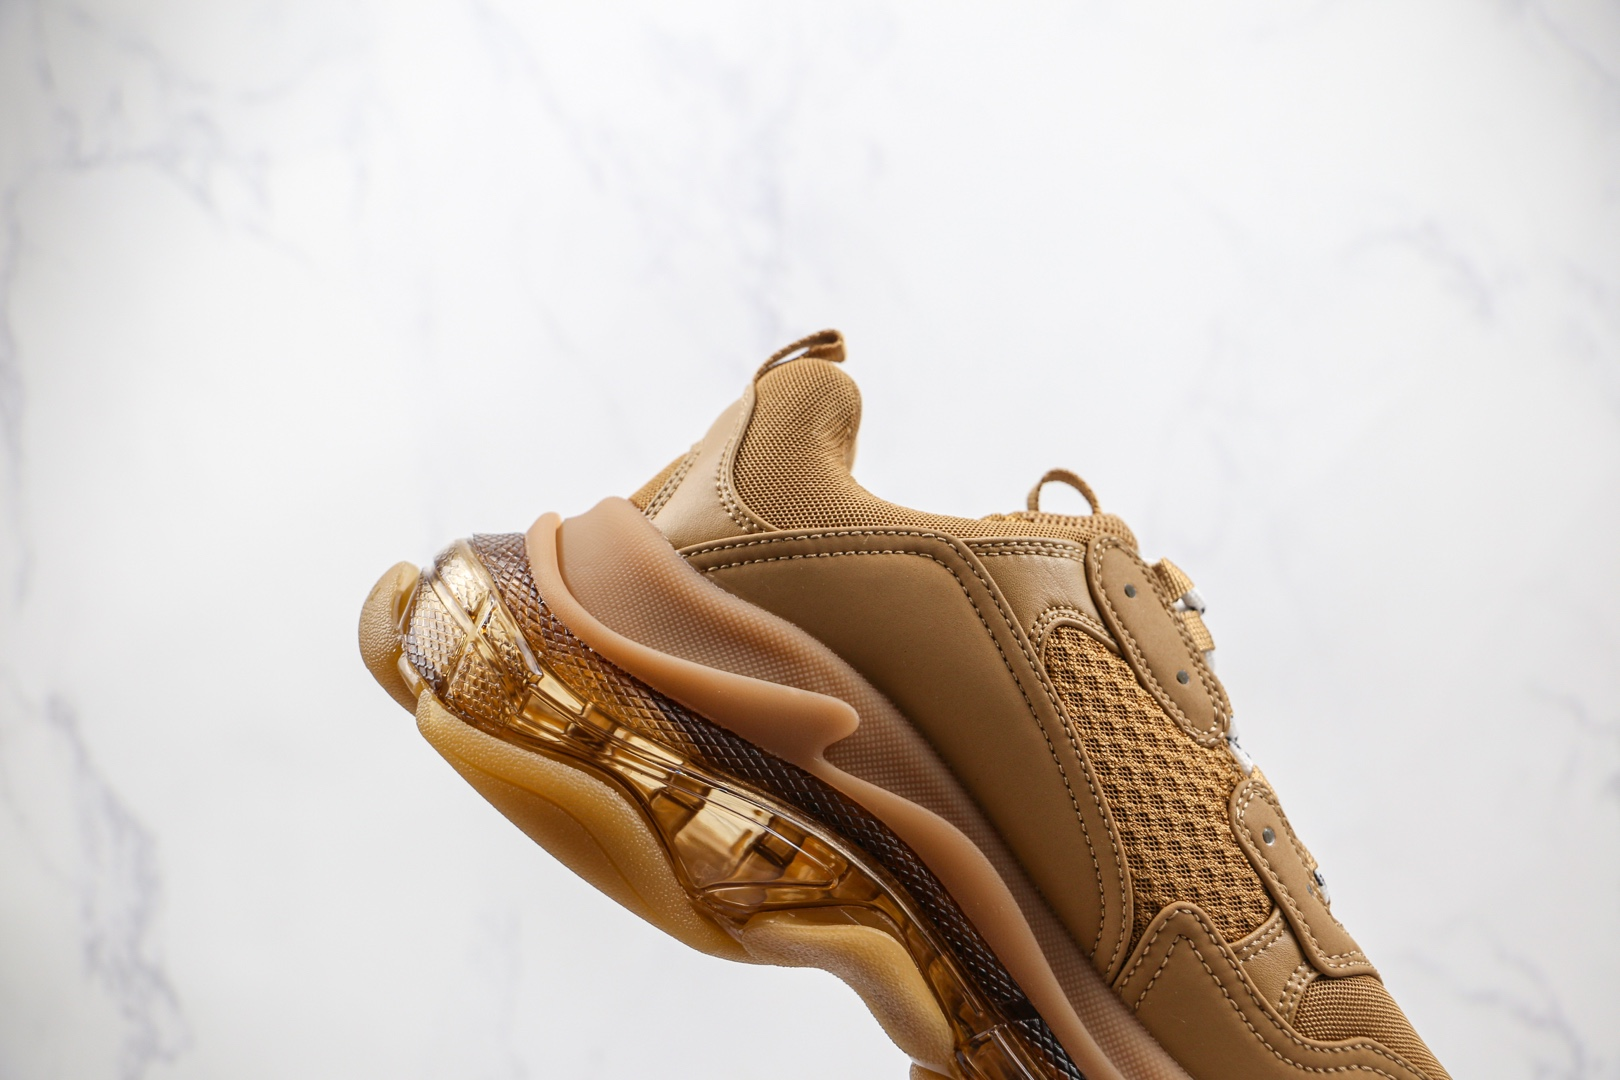 巴黎世家Balenciaga Triple S纯原版本小麦色咖啡复古老爹鞋原装组合大底原盒原标